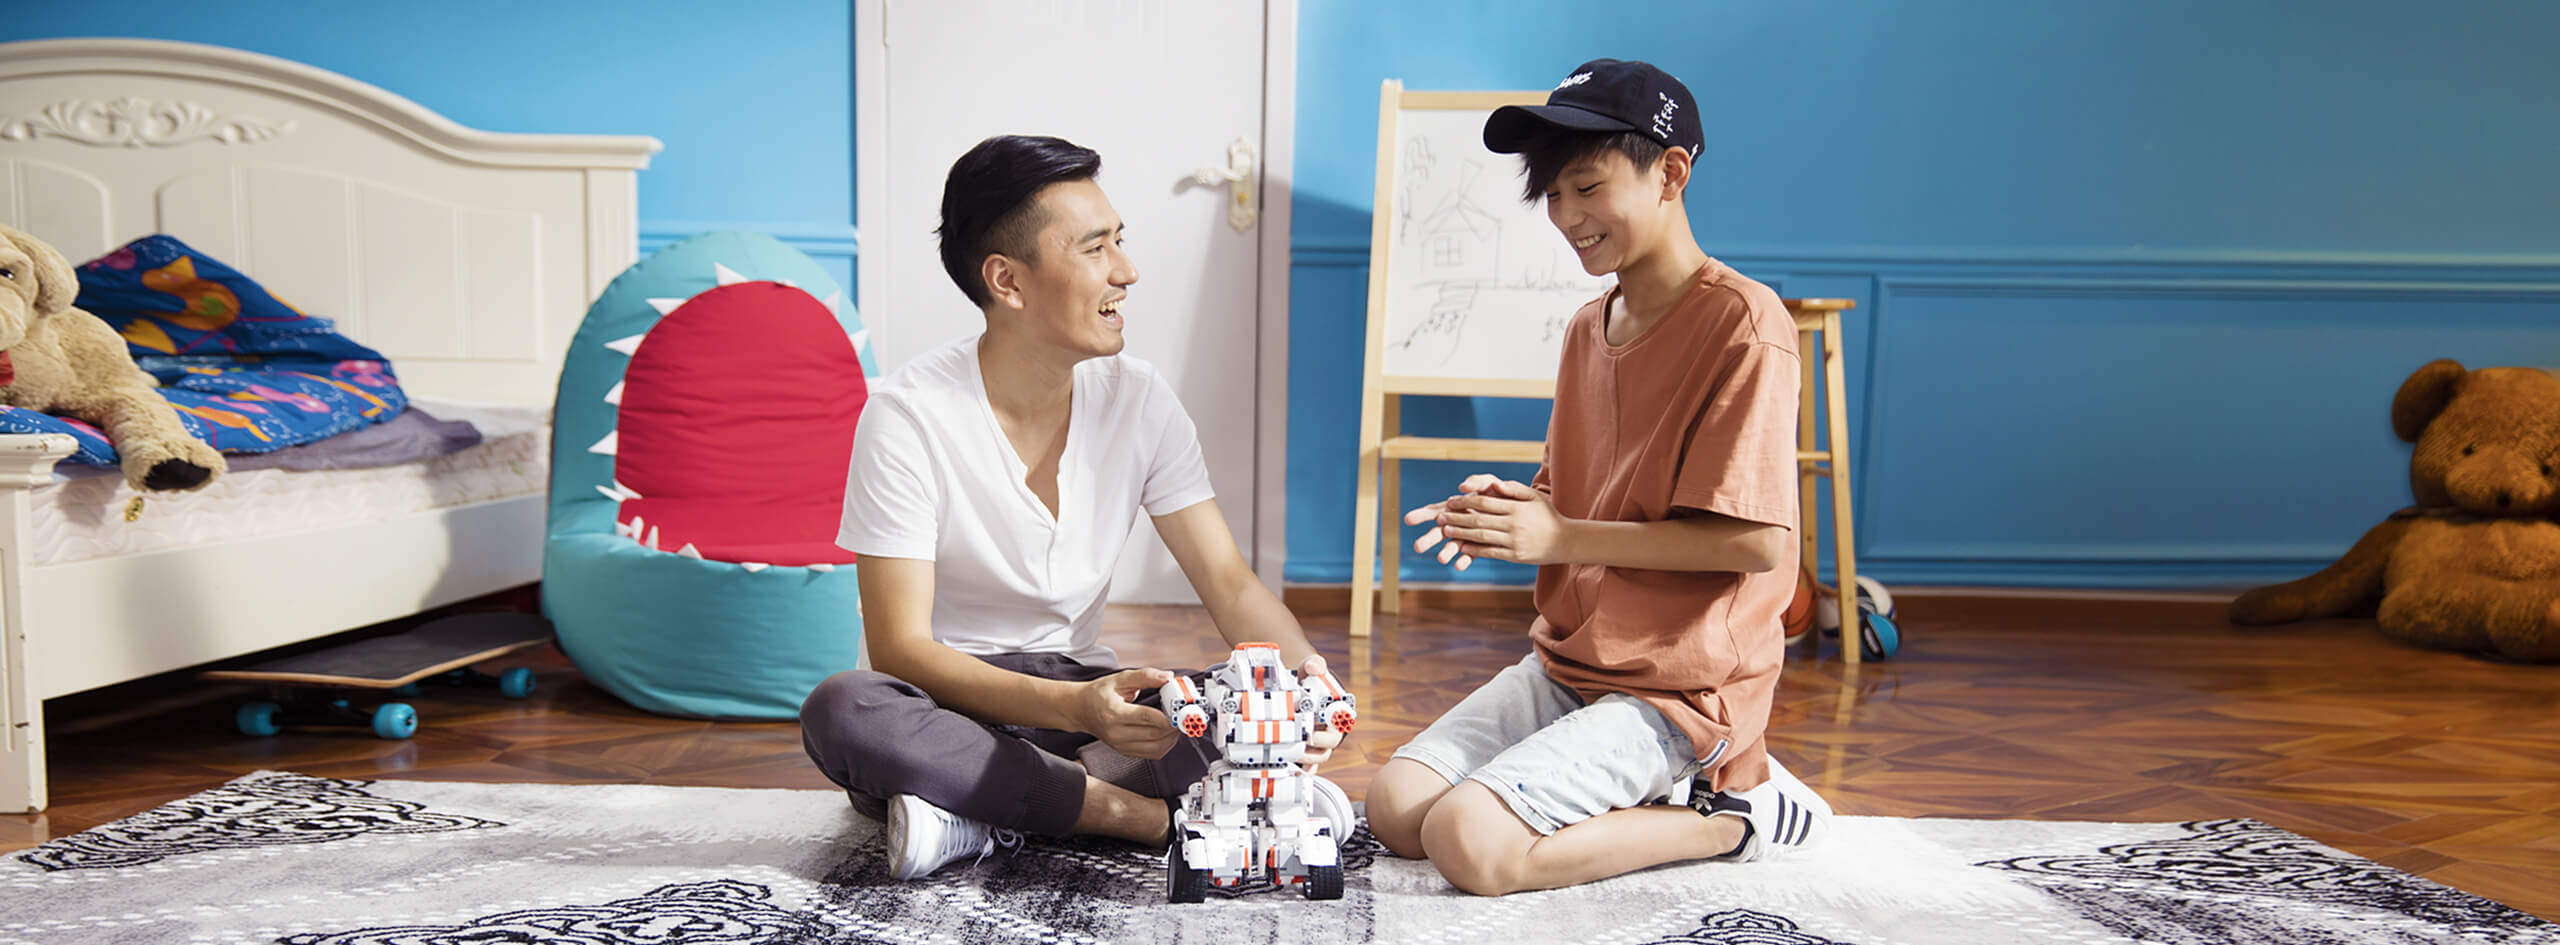 بلوکهای ربات سازی Mi Bunny شیائومی؛ یک اسباب بازی برای کودکان و بزرگسالان در هر سنی